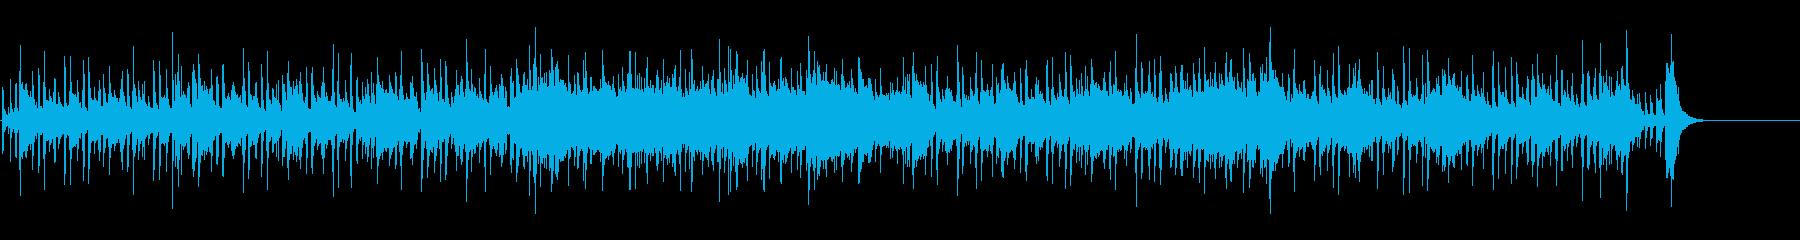 ゴージャスにアレンジされたポップスの再生済みの波形